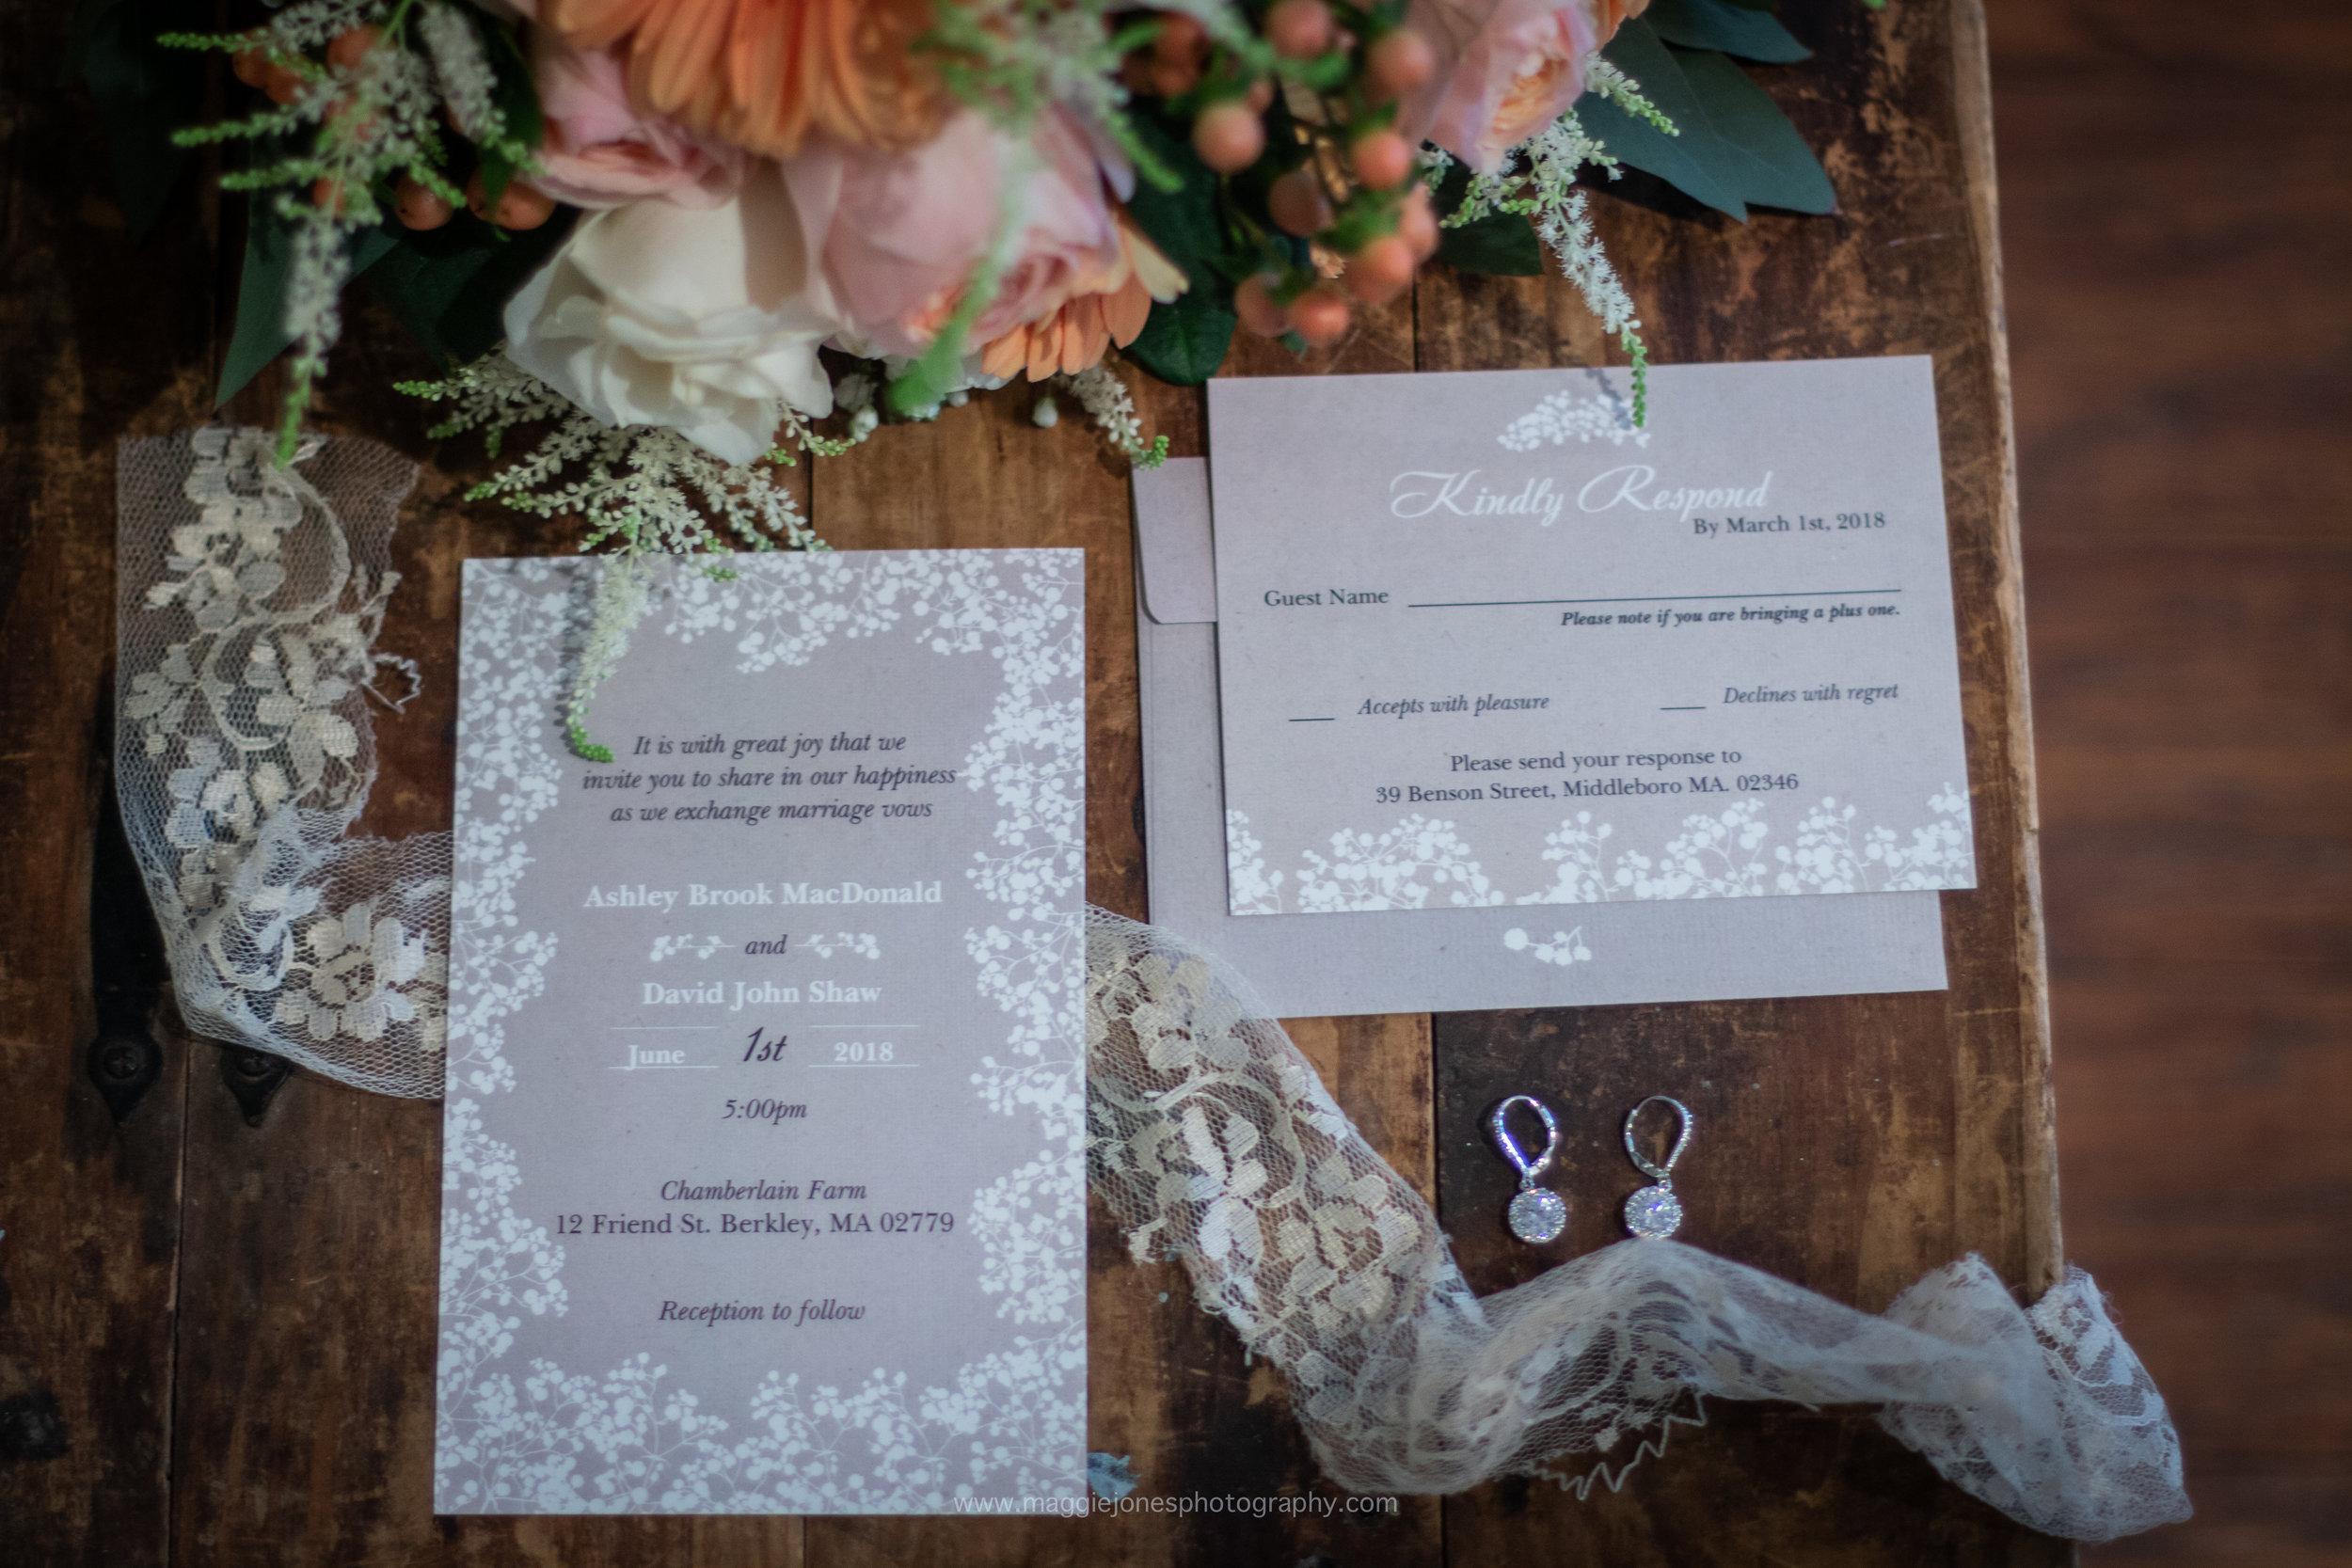 Ashley+DavidShaw_WEDDING_blog-1-11.jpg